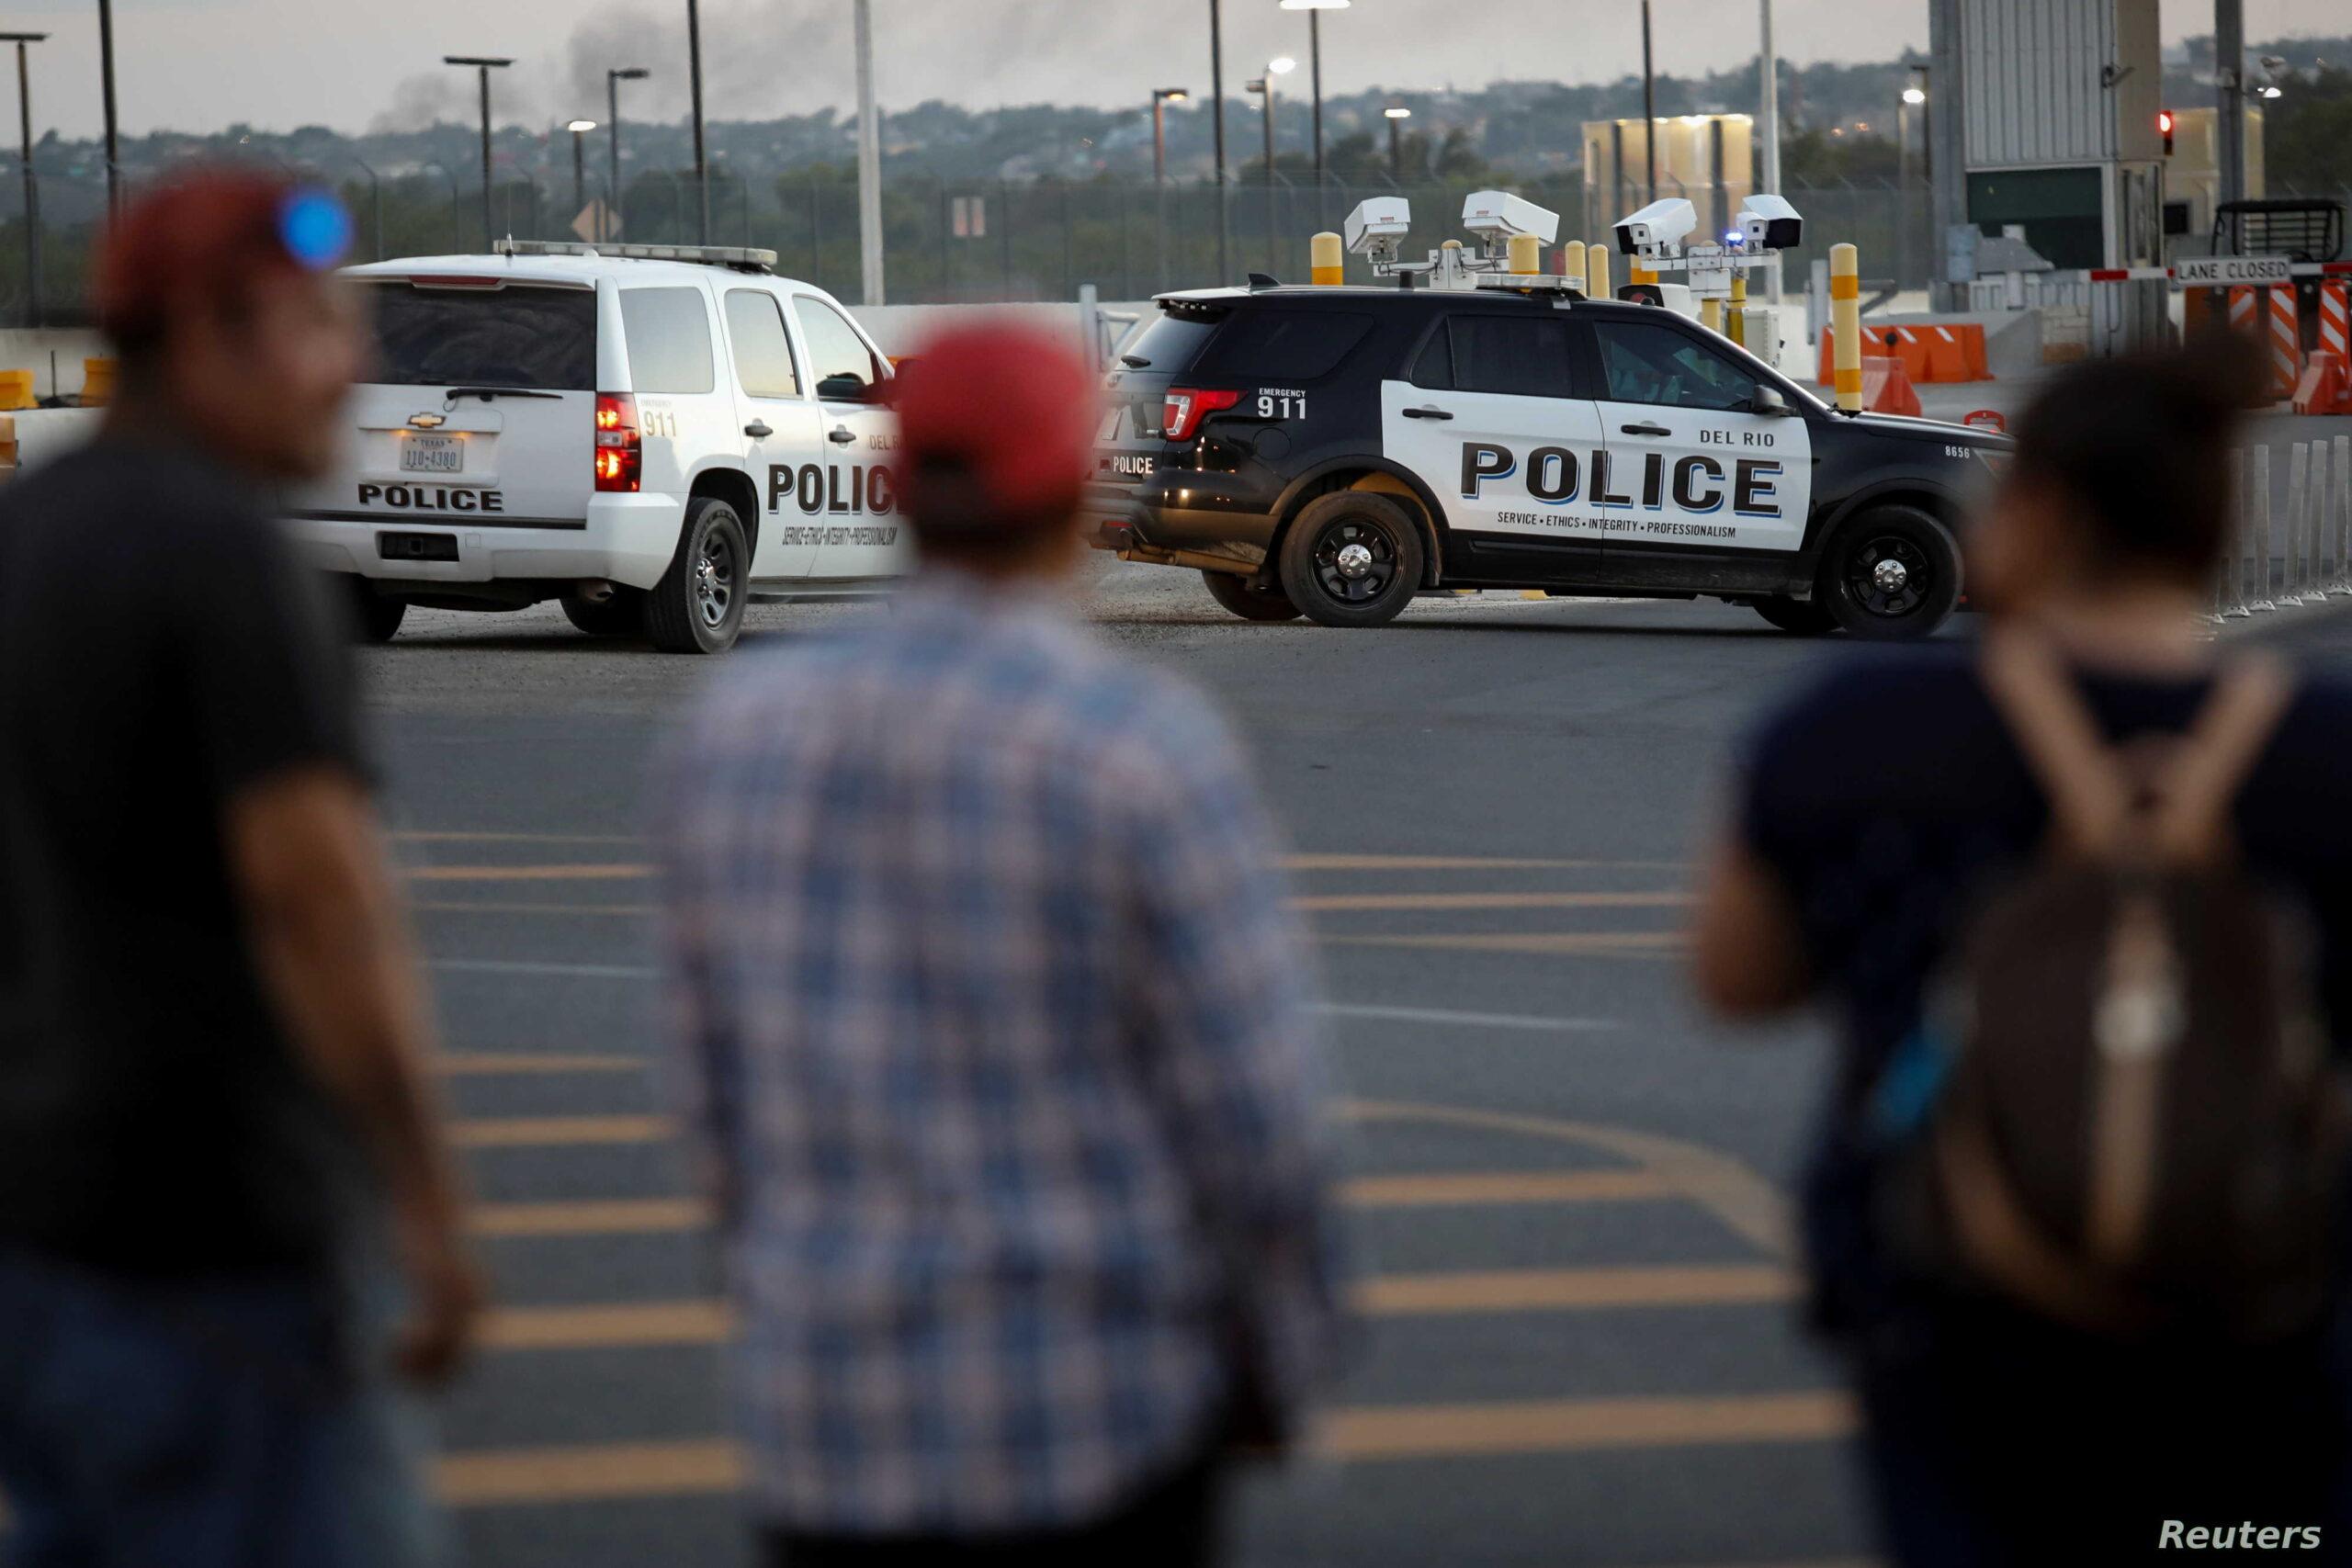 صورة أمريكا .. عدة إصابات في إطلاق نار بمدرسة ثانوية في تكساس